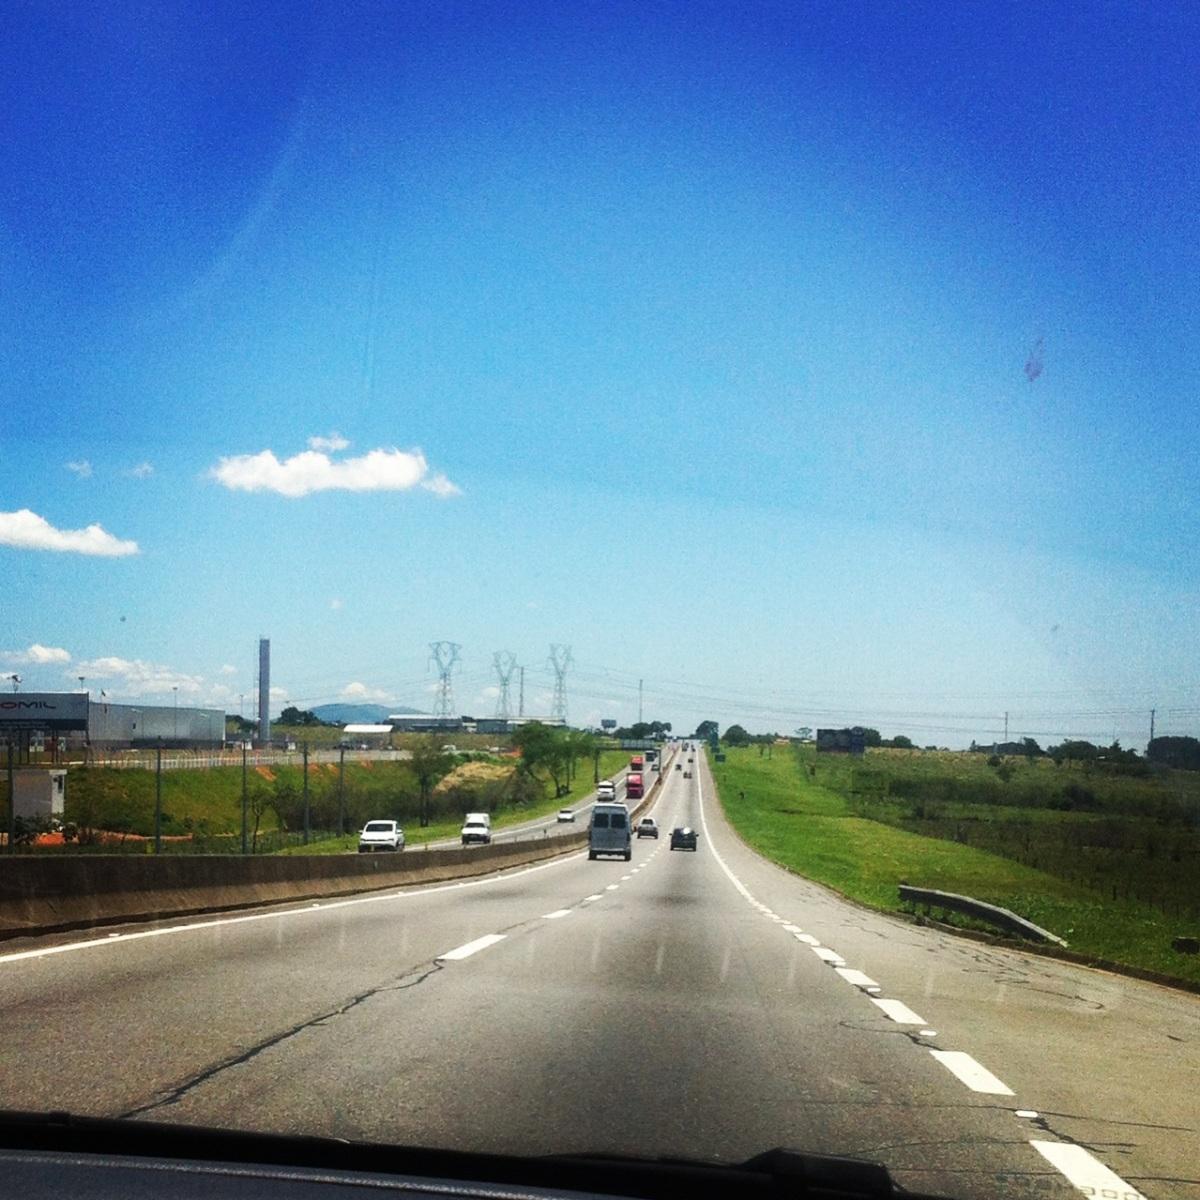 A estrada que corta o Vale do Paraíba é uma das mais lindas que eu já vi, com esse céu azul, fica fácil viajar!